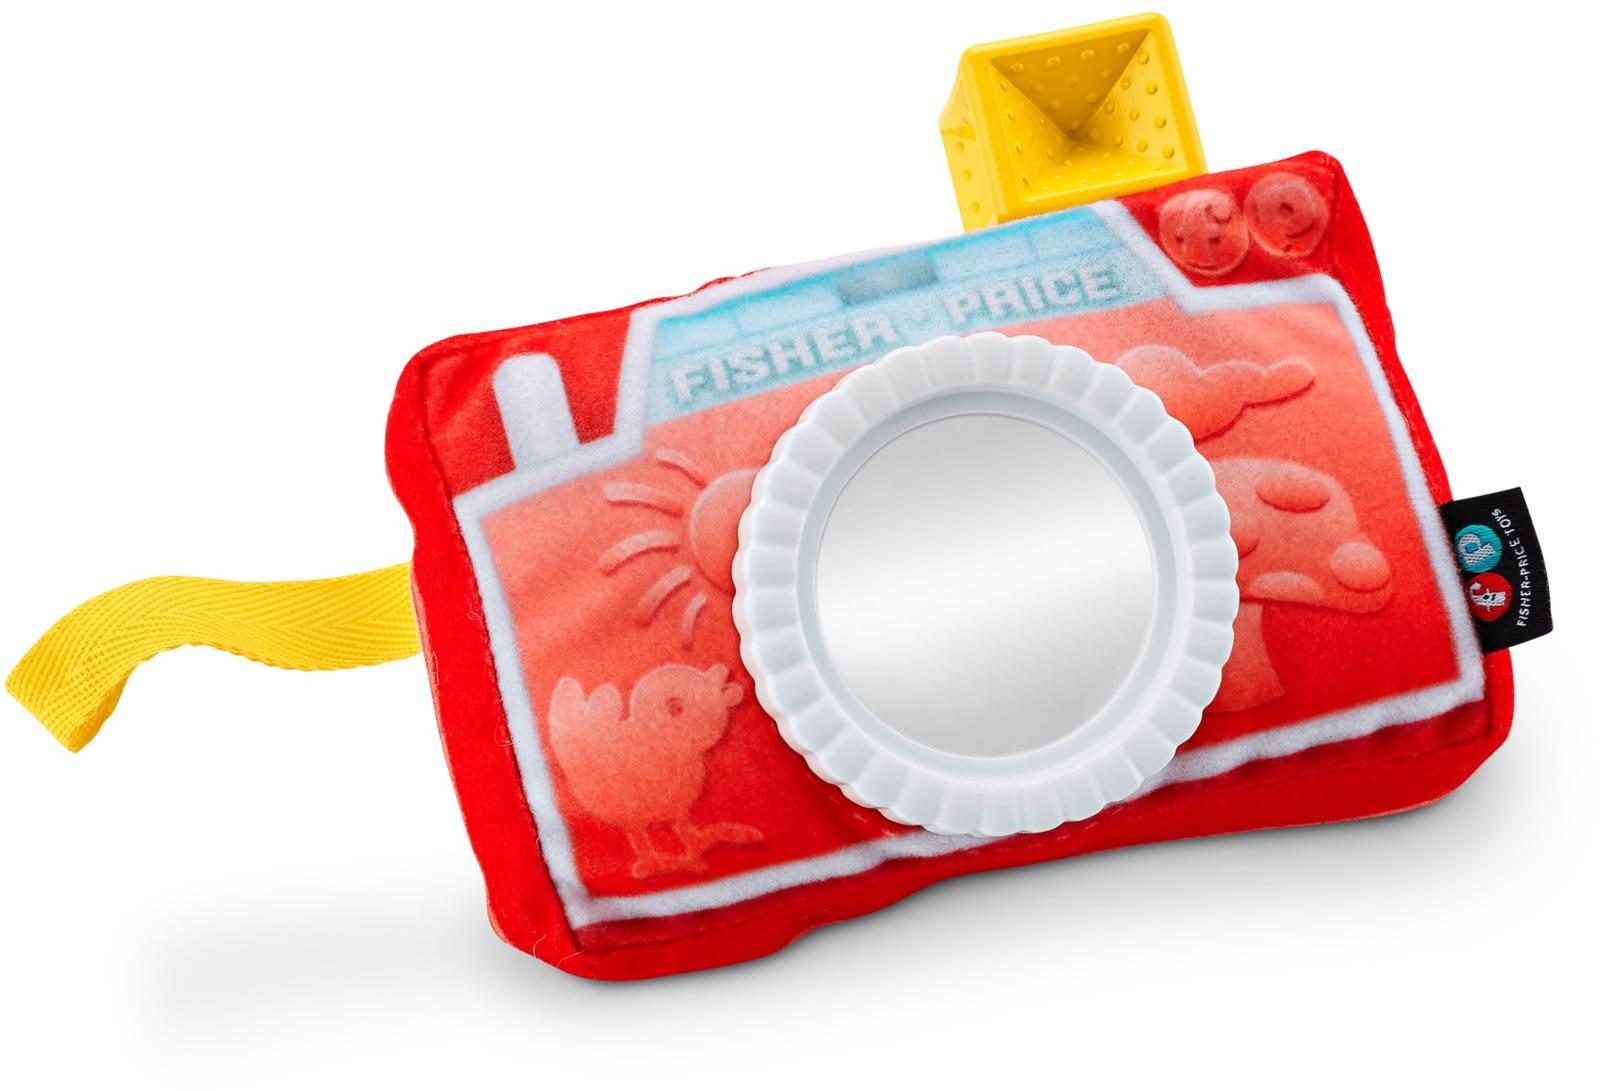 Fisher-Price Newborn Развивающая игрушка Фотоаппарат с зеркальцем фотоаппарат для туриста